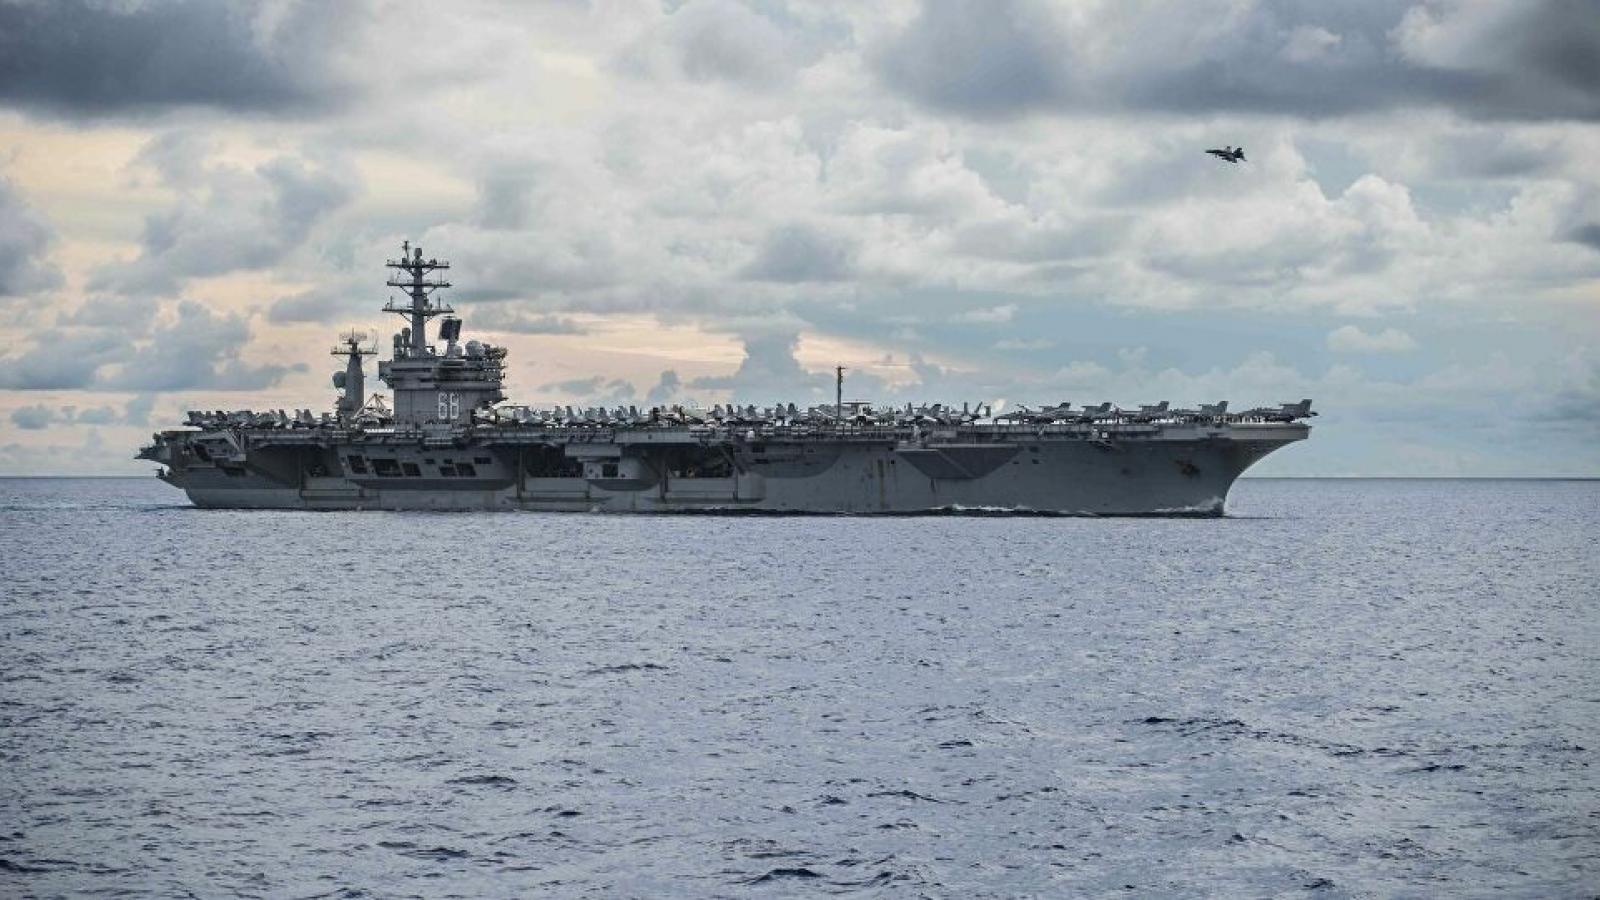 Tên lửa Iran rơi cách nhóm tàu sân bay Mỹ hơn 160km